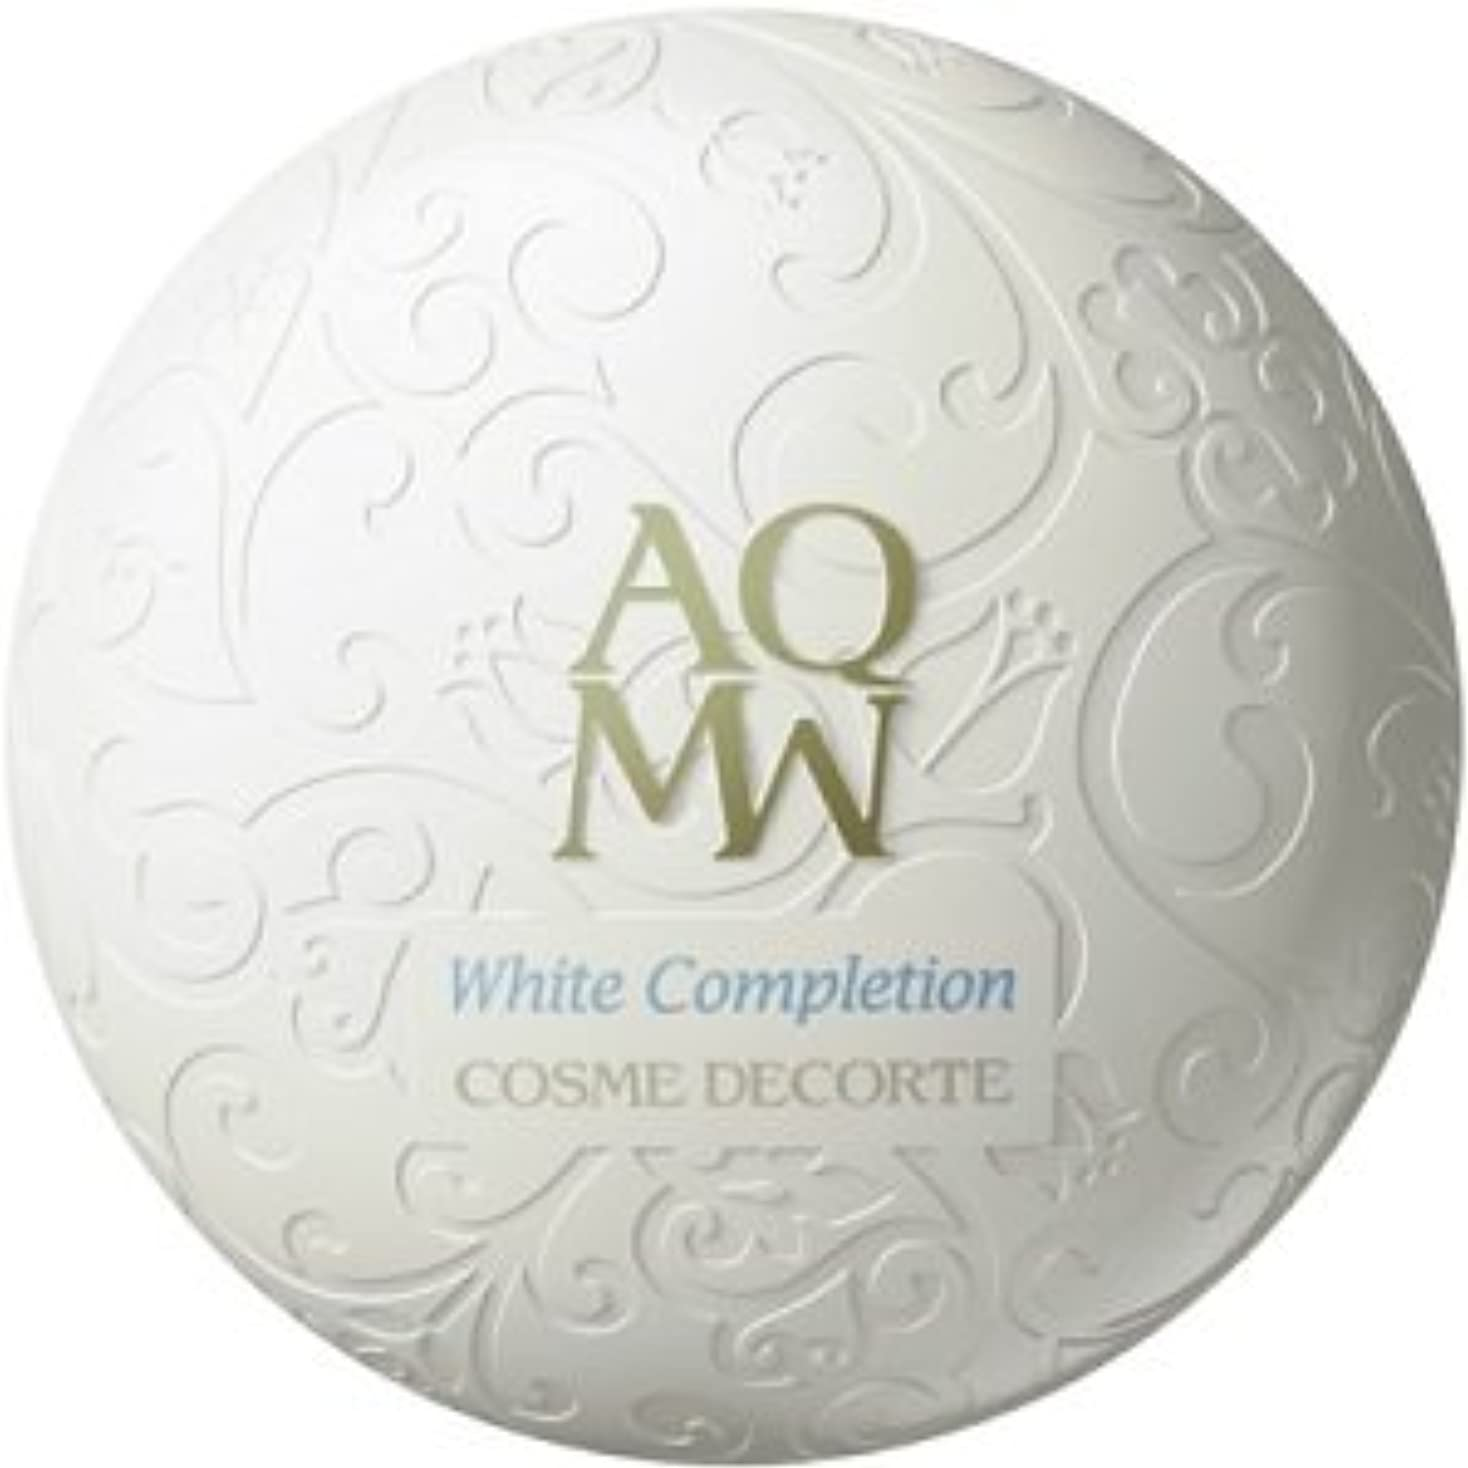 表示三十応用コスメデコルテ AQMW ホワイトコンプリーション 25g